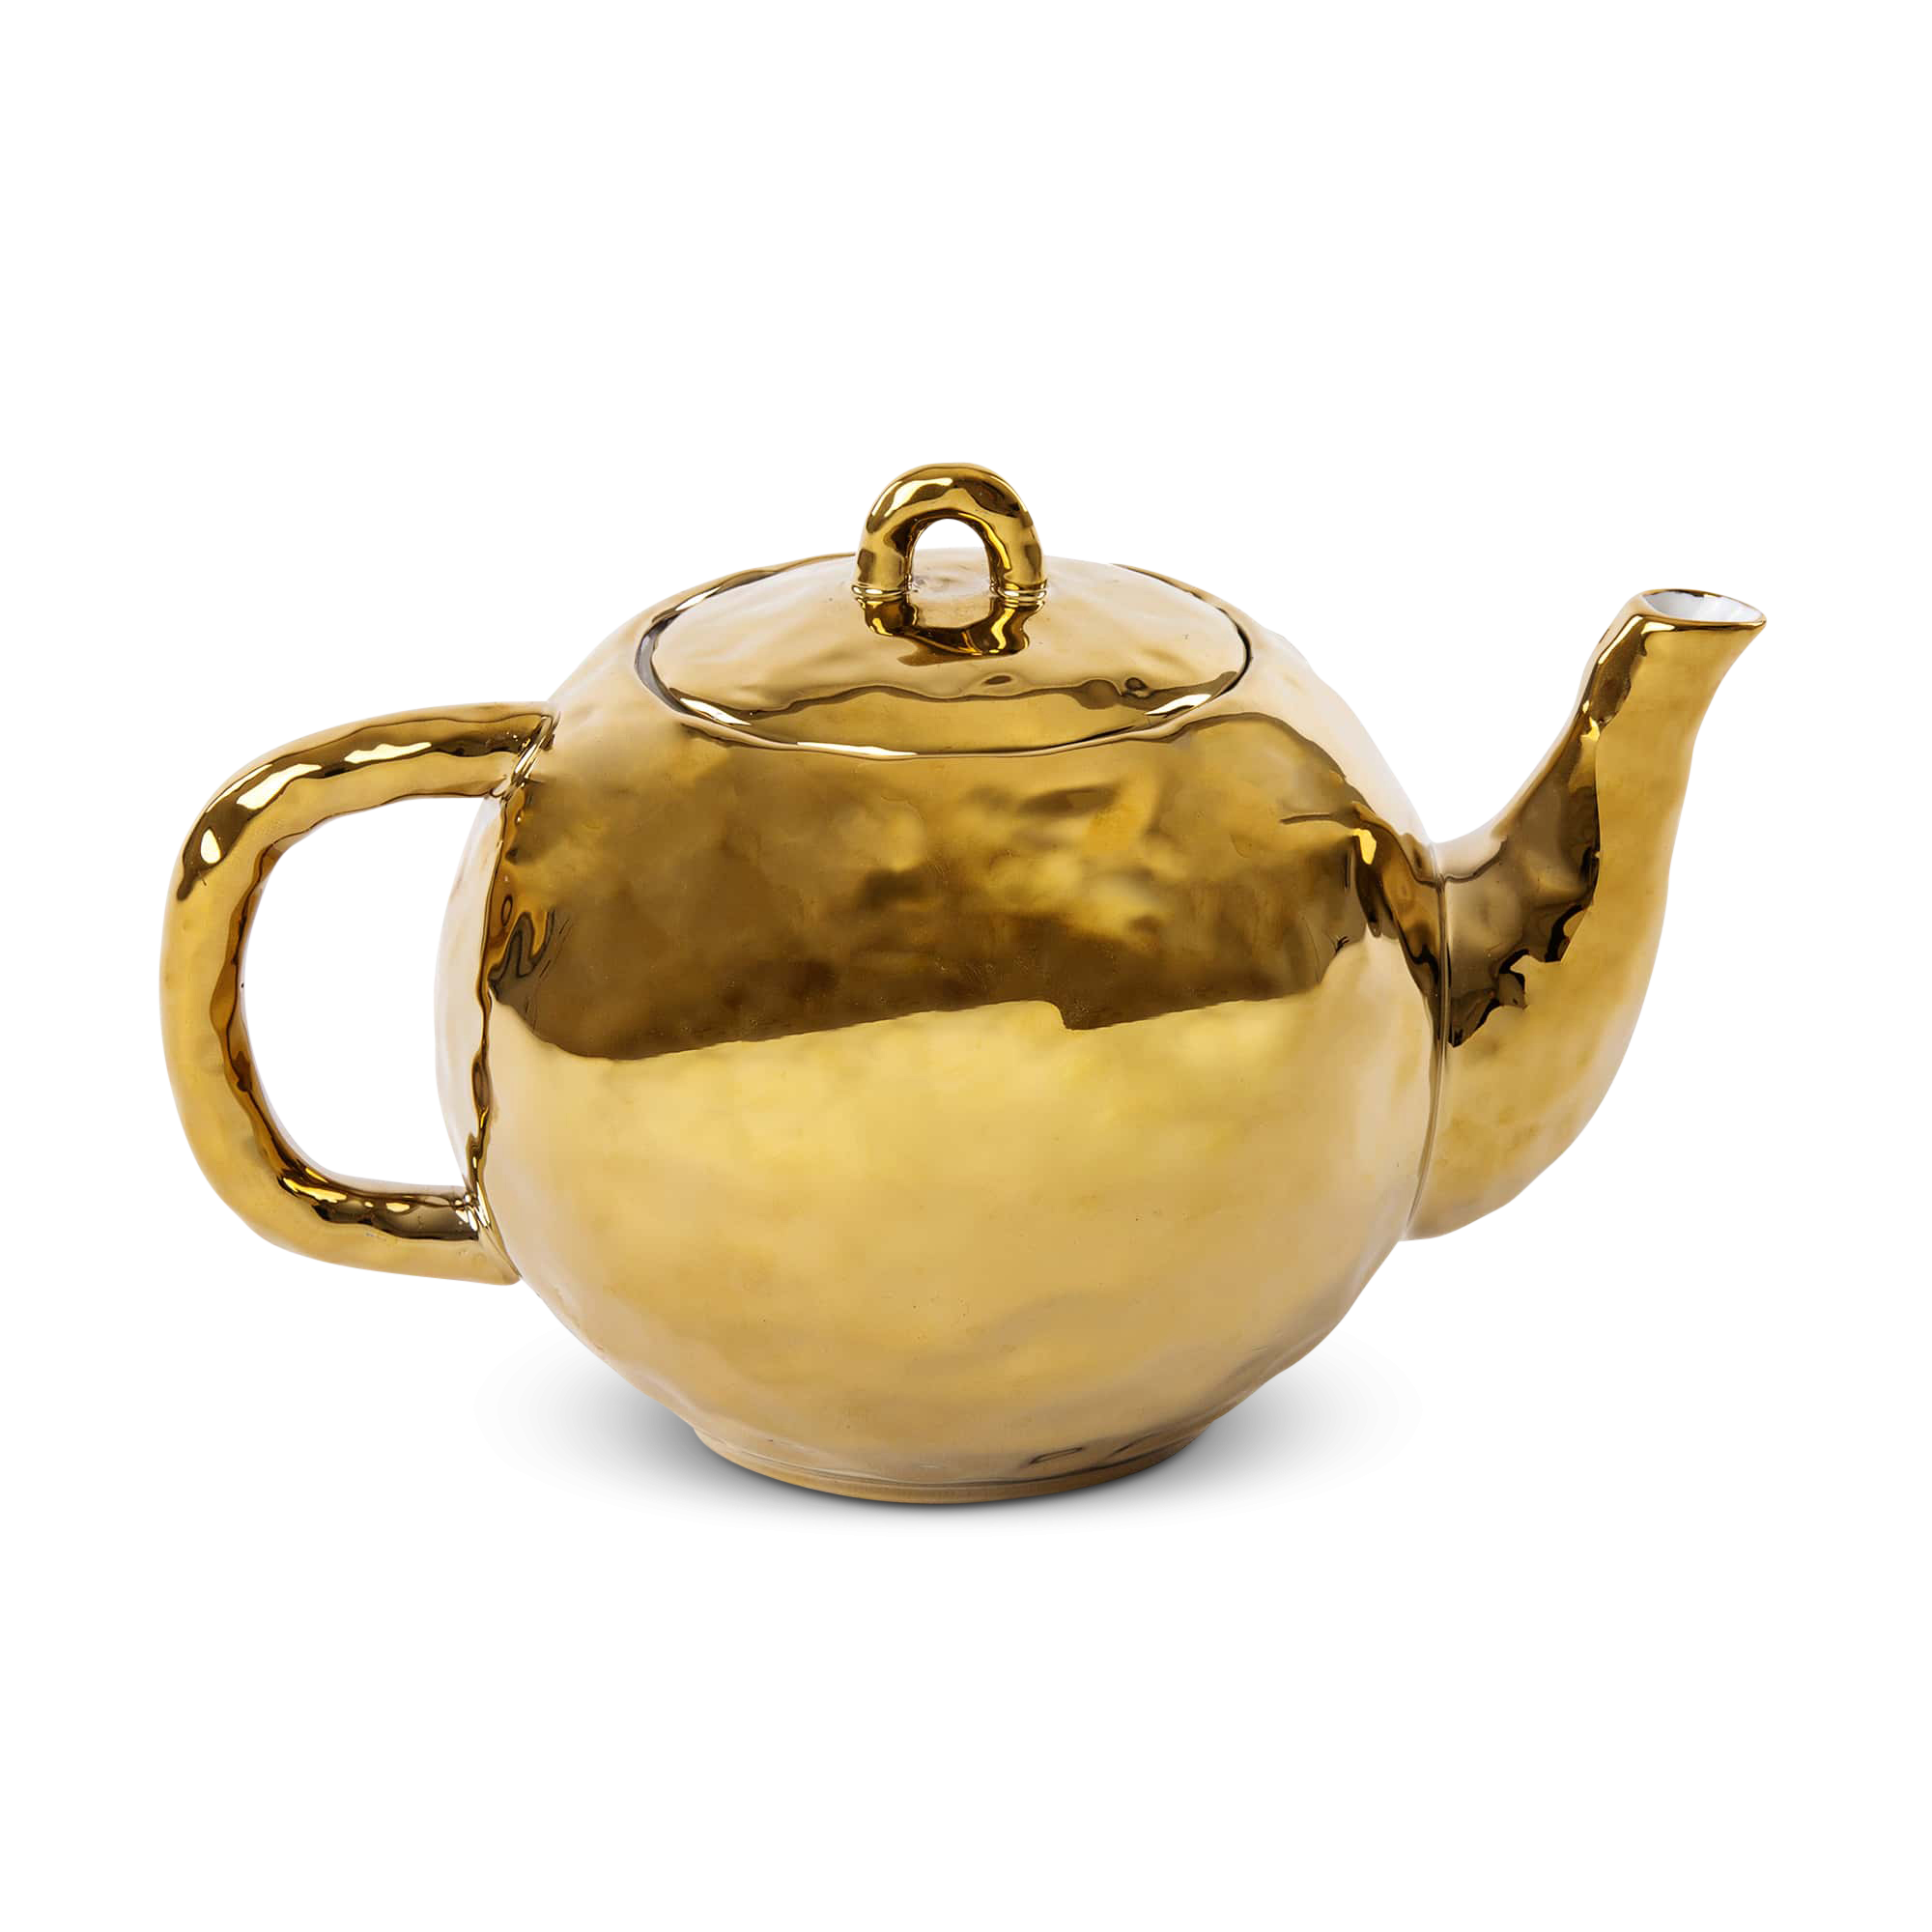 ¿Amante del té? Haz su rutina mañanera más especial con esta tetera dorada que parece salida de Alicia en el país de las maravillas. Tetera dorada, de Seletti. $94. shop.gelatto.com